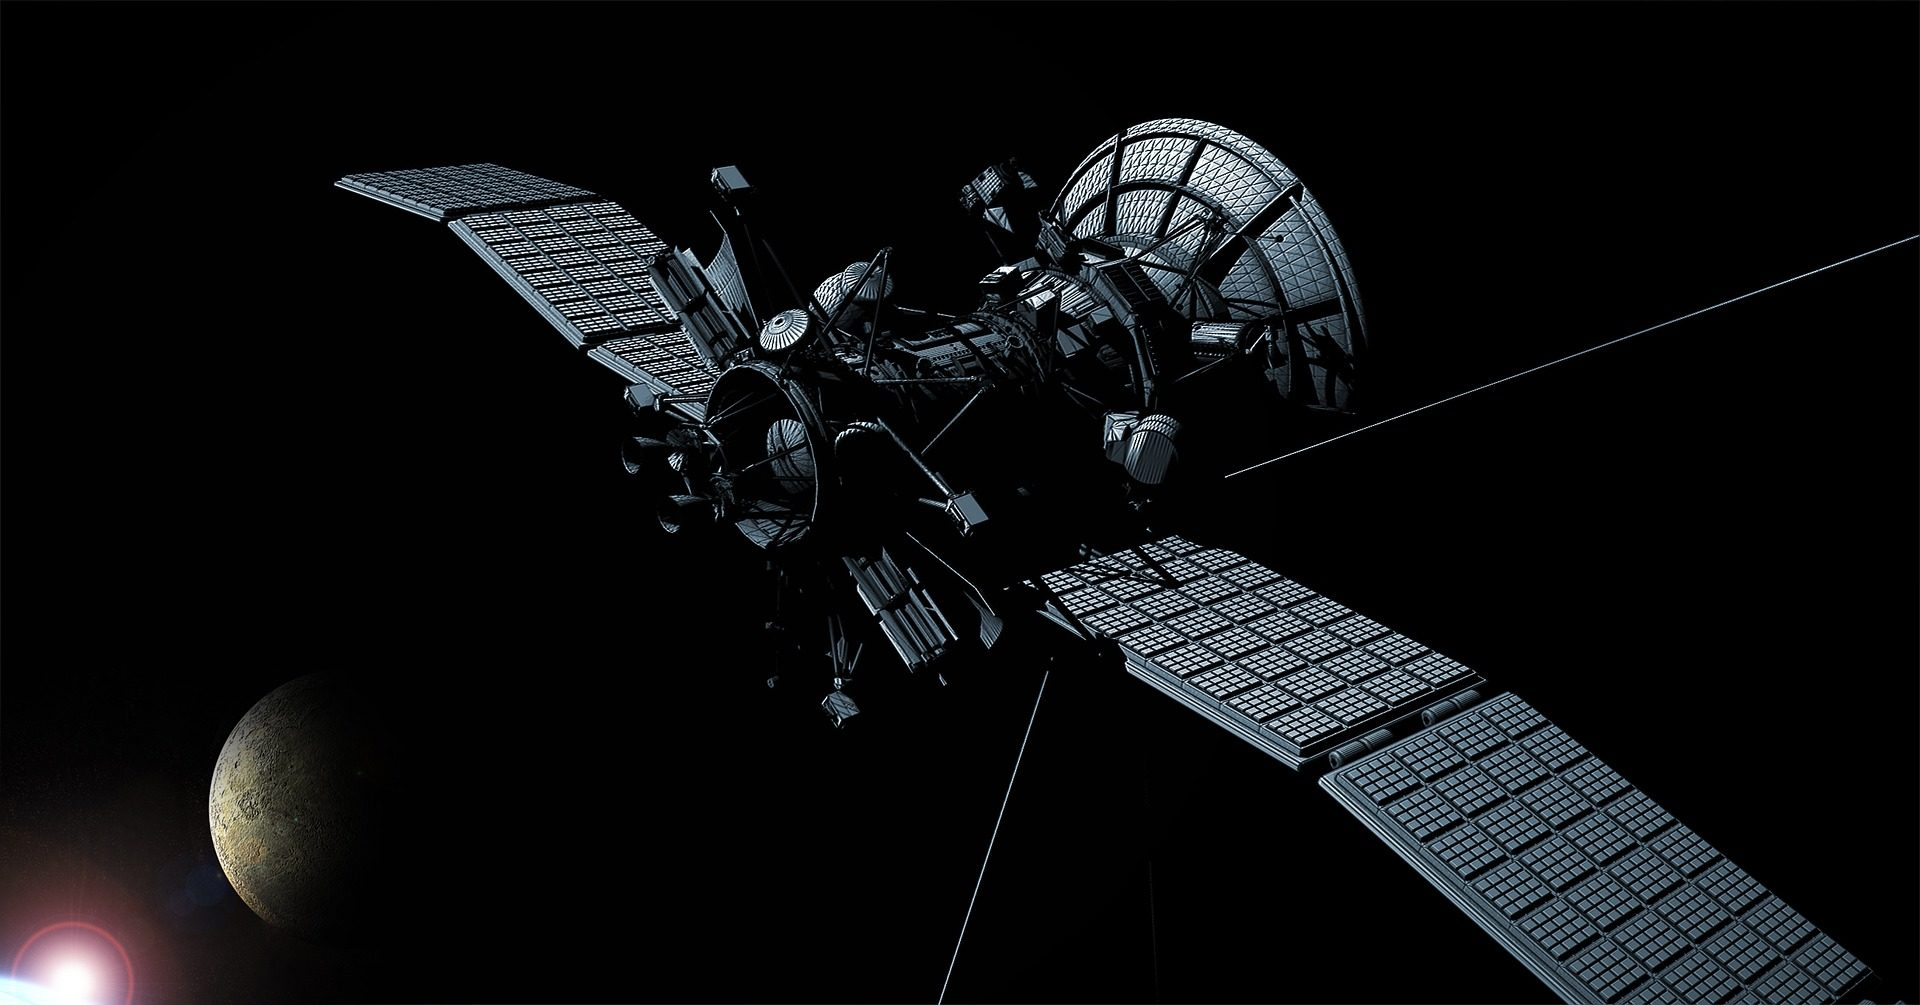 por satélite, espaço, Lua, Sol, universo - Papéis de parede HD - Professor-falken.com